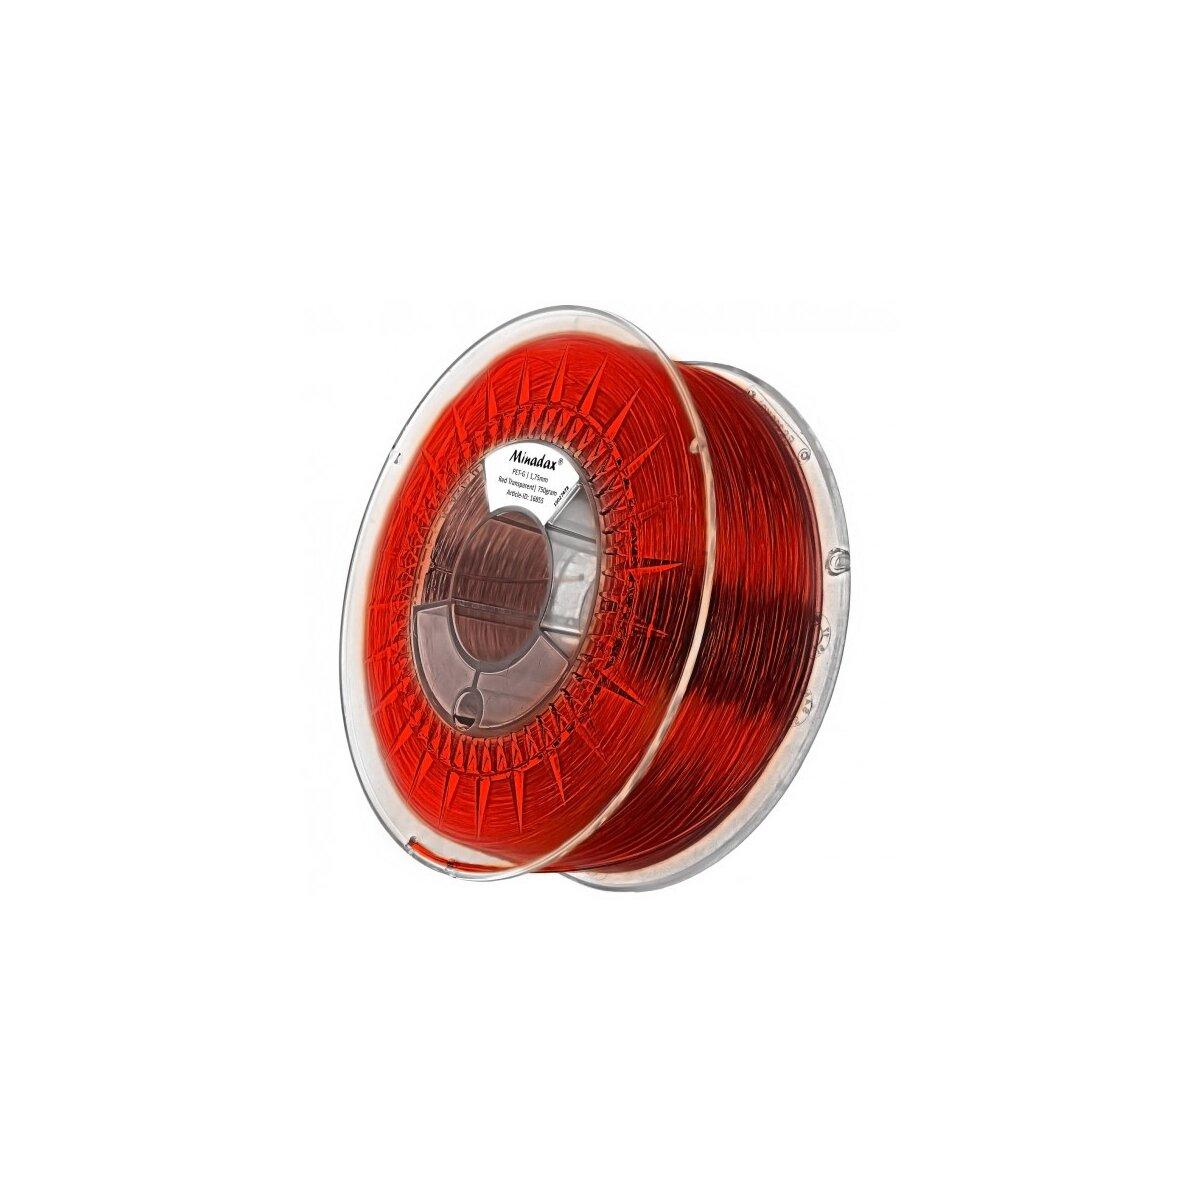 Minadax® 0,75kg Premium Qualitaet 1,75mm PET-G Filament rot transparent fuer 3D-Drucker hergestellt in Europa